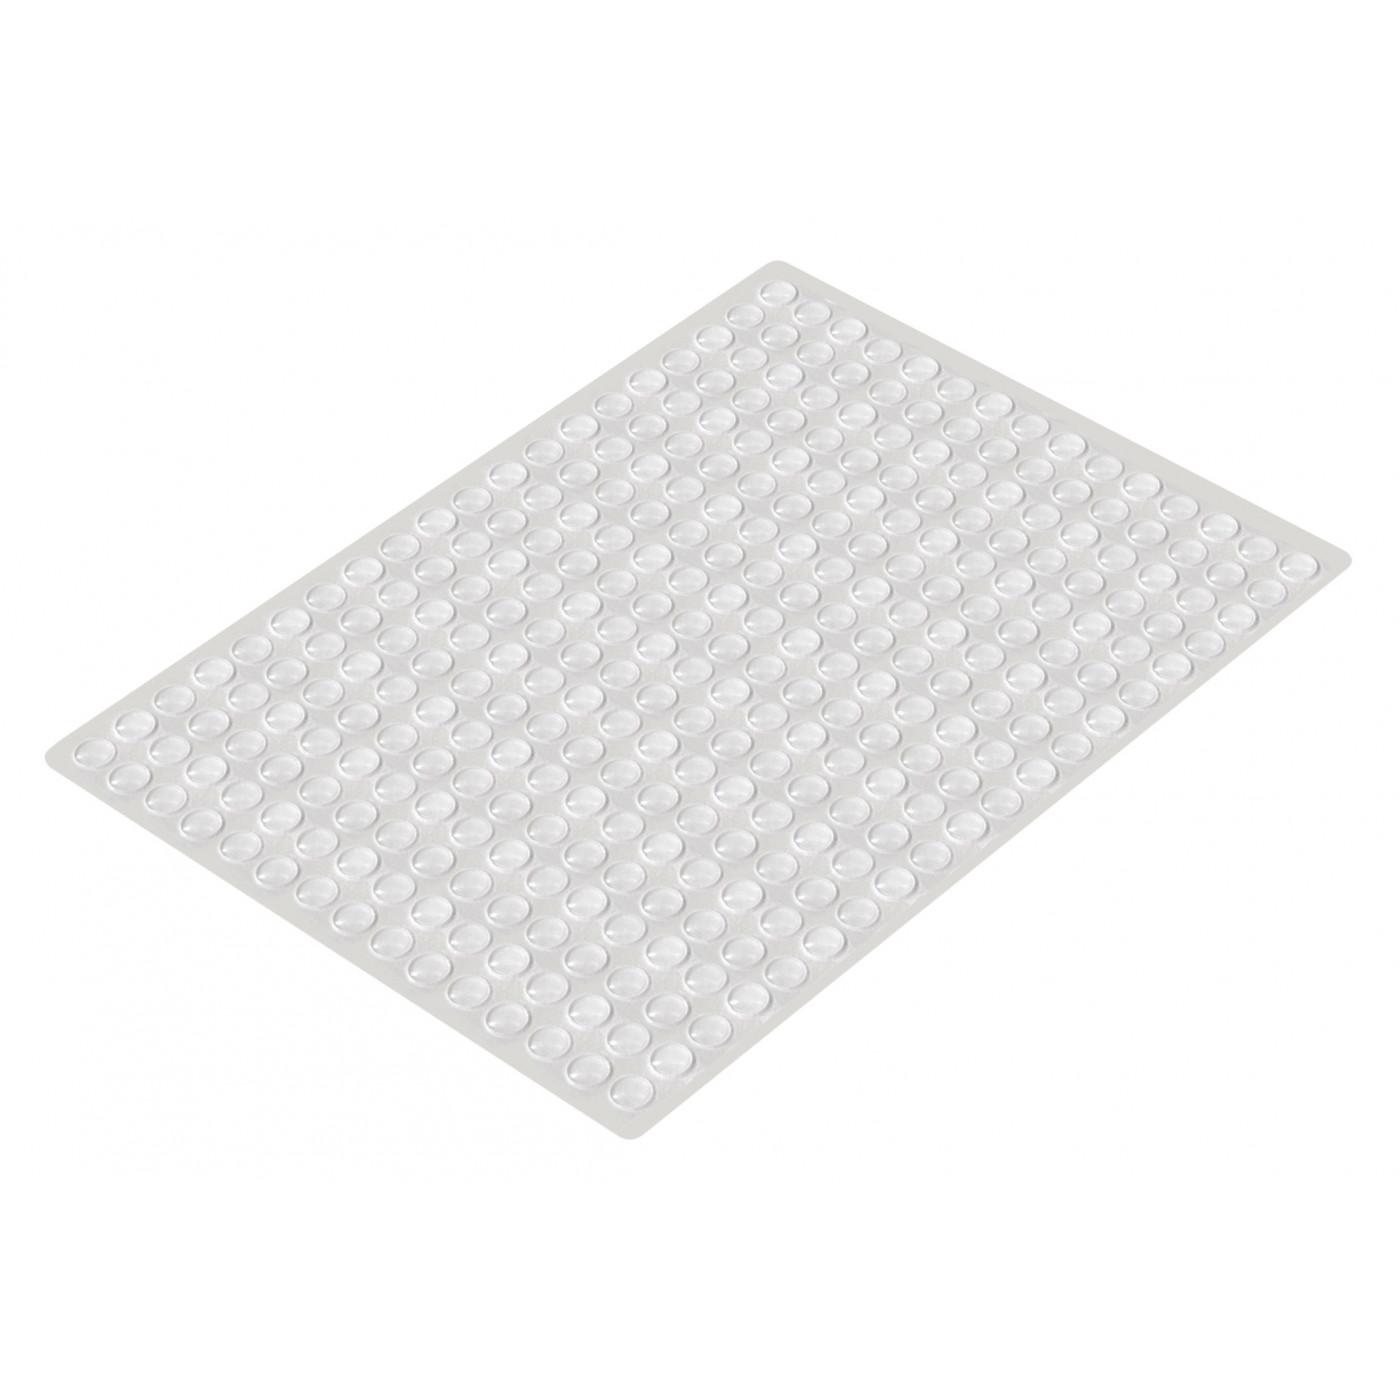 Set van 300 zelfklevende stootdopjes (type 1, 8.0x1.5 mm)  - 1